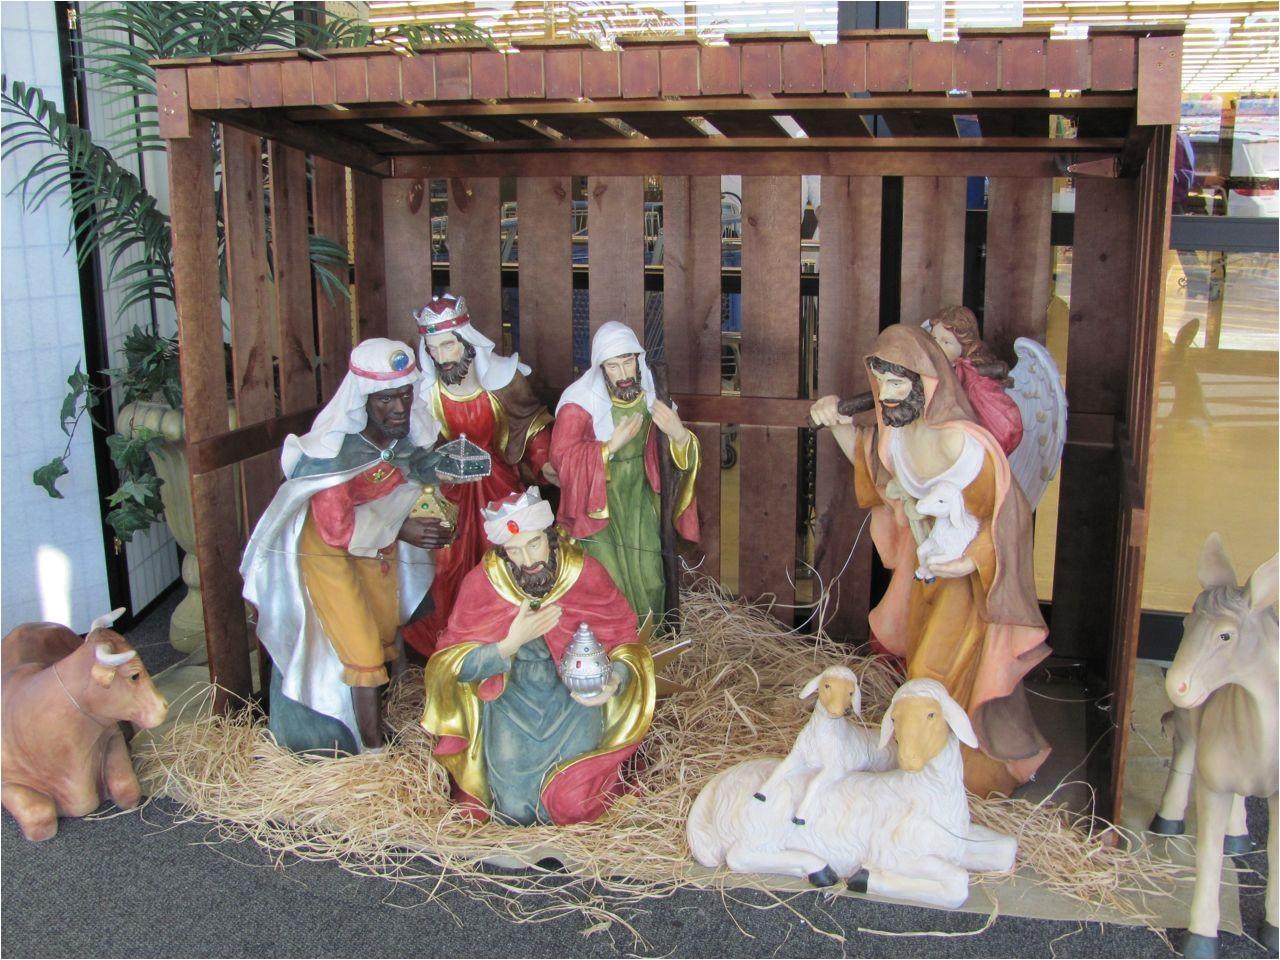 Hobby Lobby Nativity Sets Hobby Lobby Outdoor Nativity Sets Myideasbedroom Com